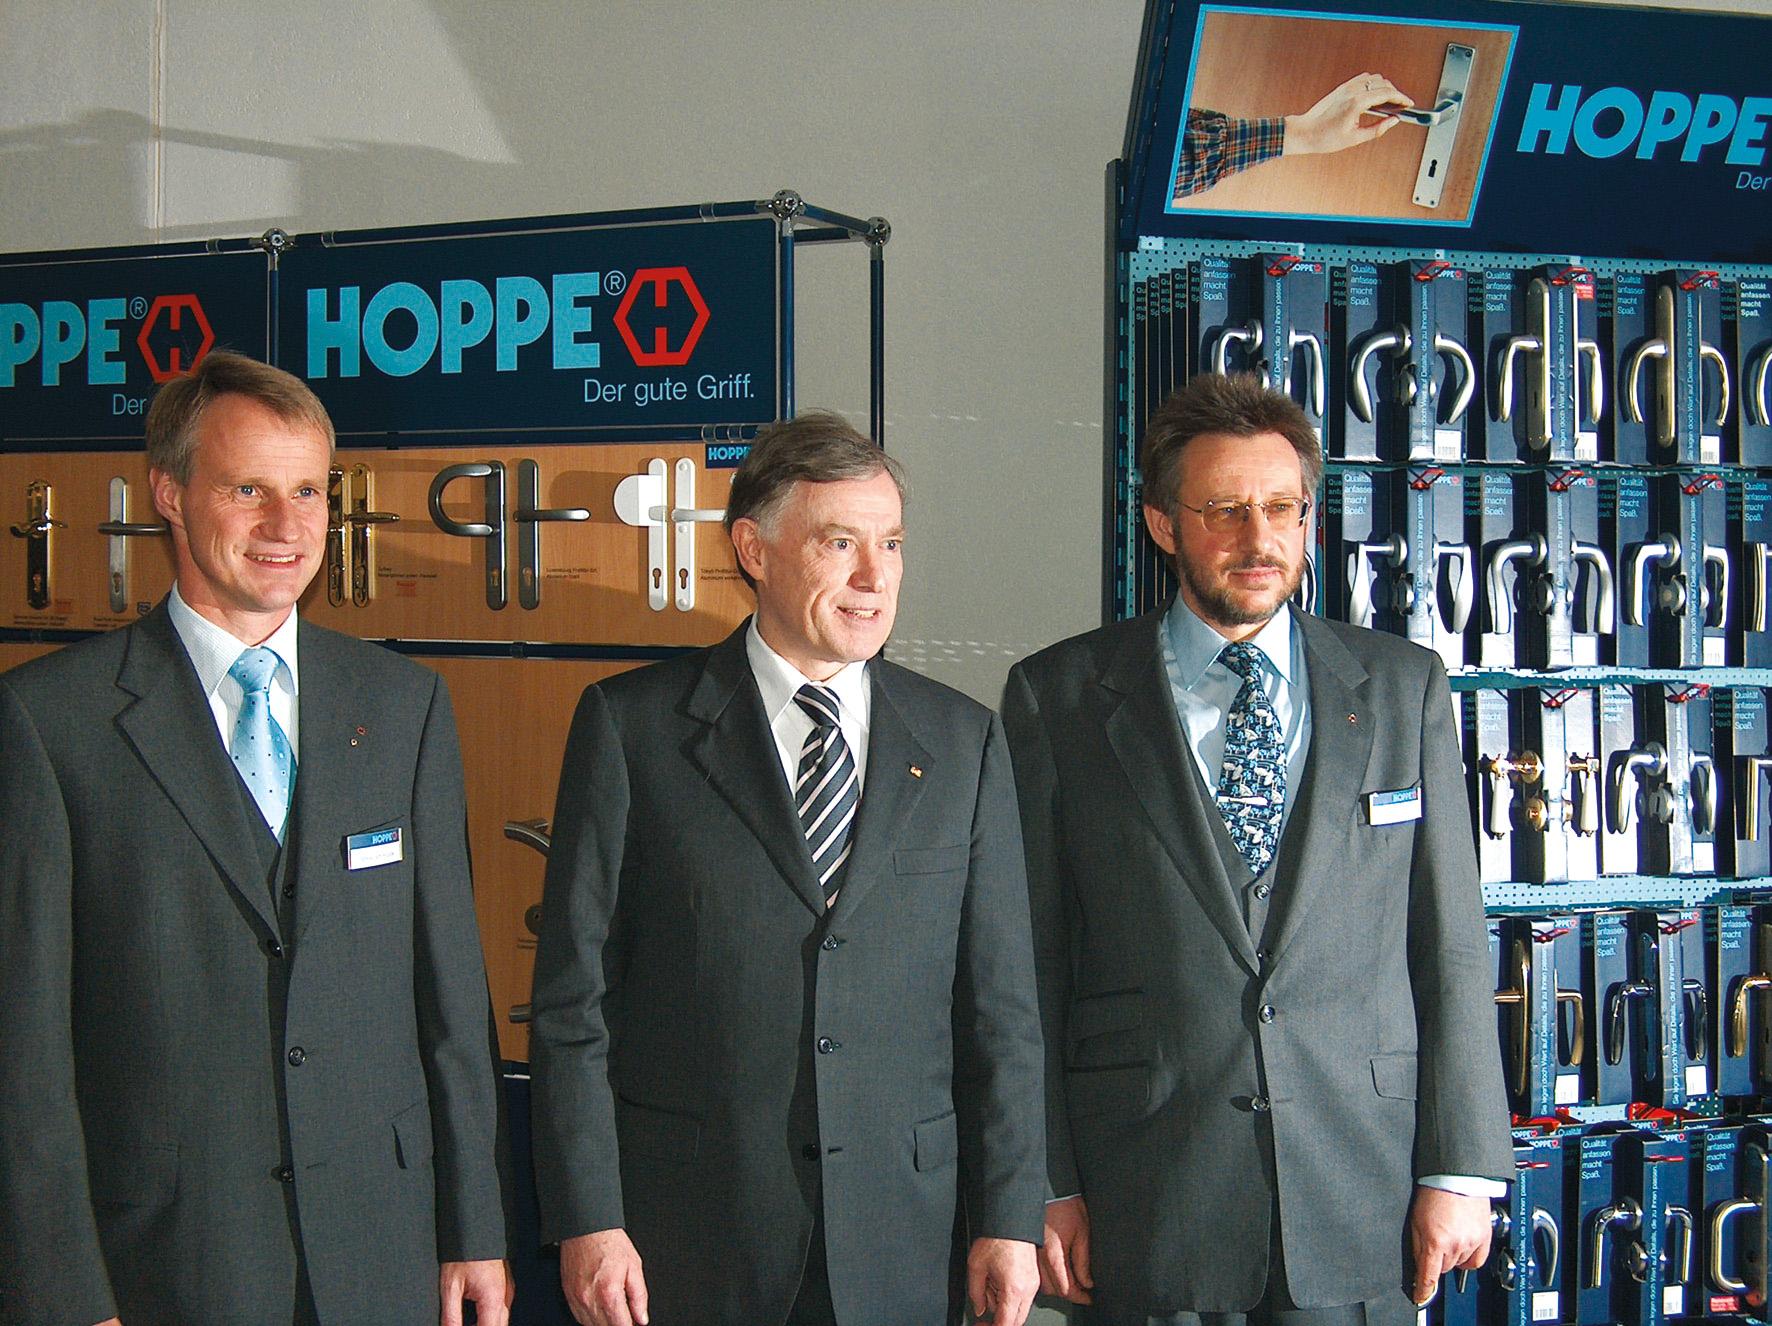 09.12.2005 : Visite du président allemand Köhler (milieu) dans l'usine HOPPE à Crottendorf